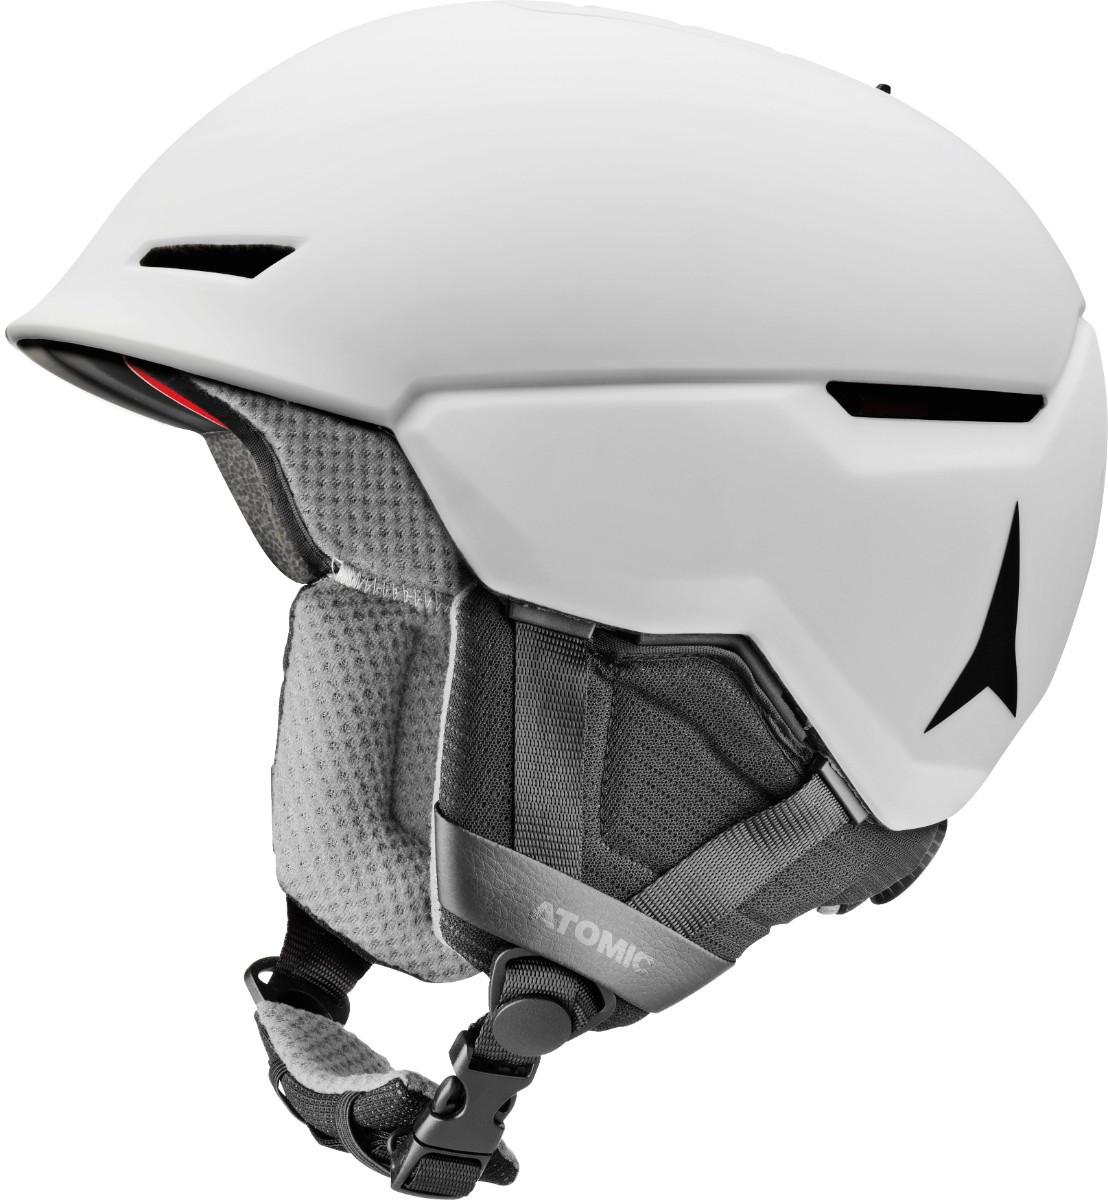 Atomic Revent+ bílá Velikost helmy: S 2019/2020